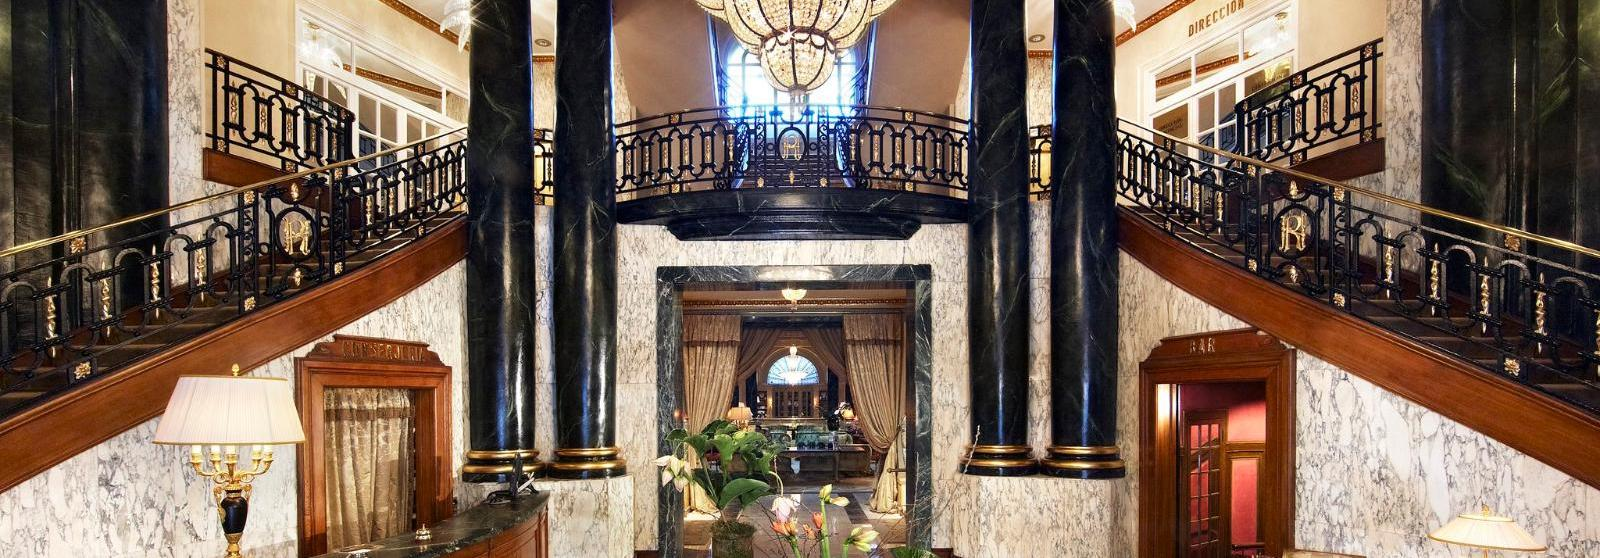 巴塞罗那皇宫酒店(El Palace Barcelona) 华丽内饰图片  www.lhw.cn